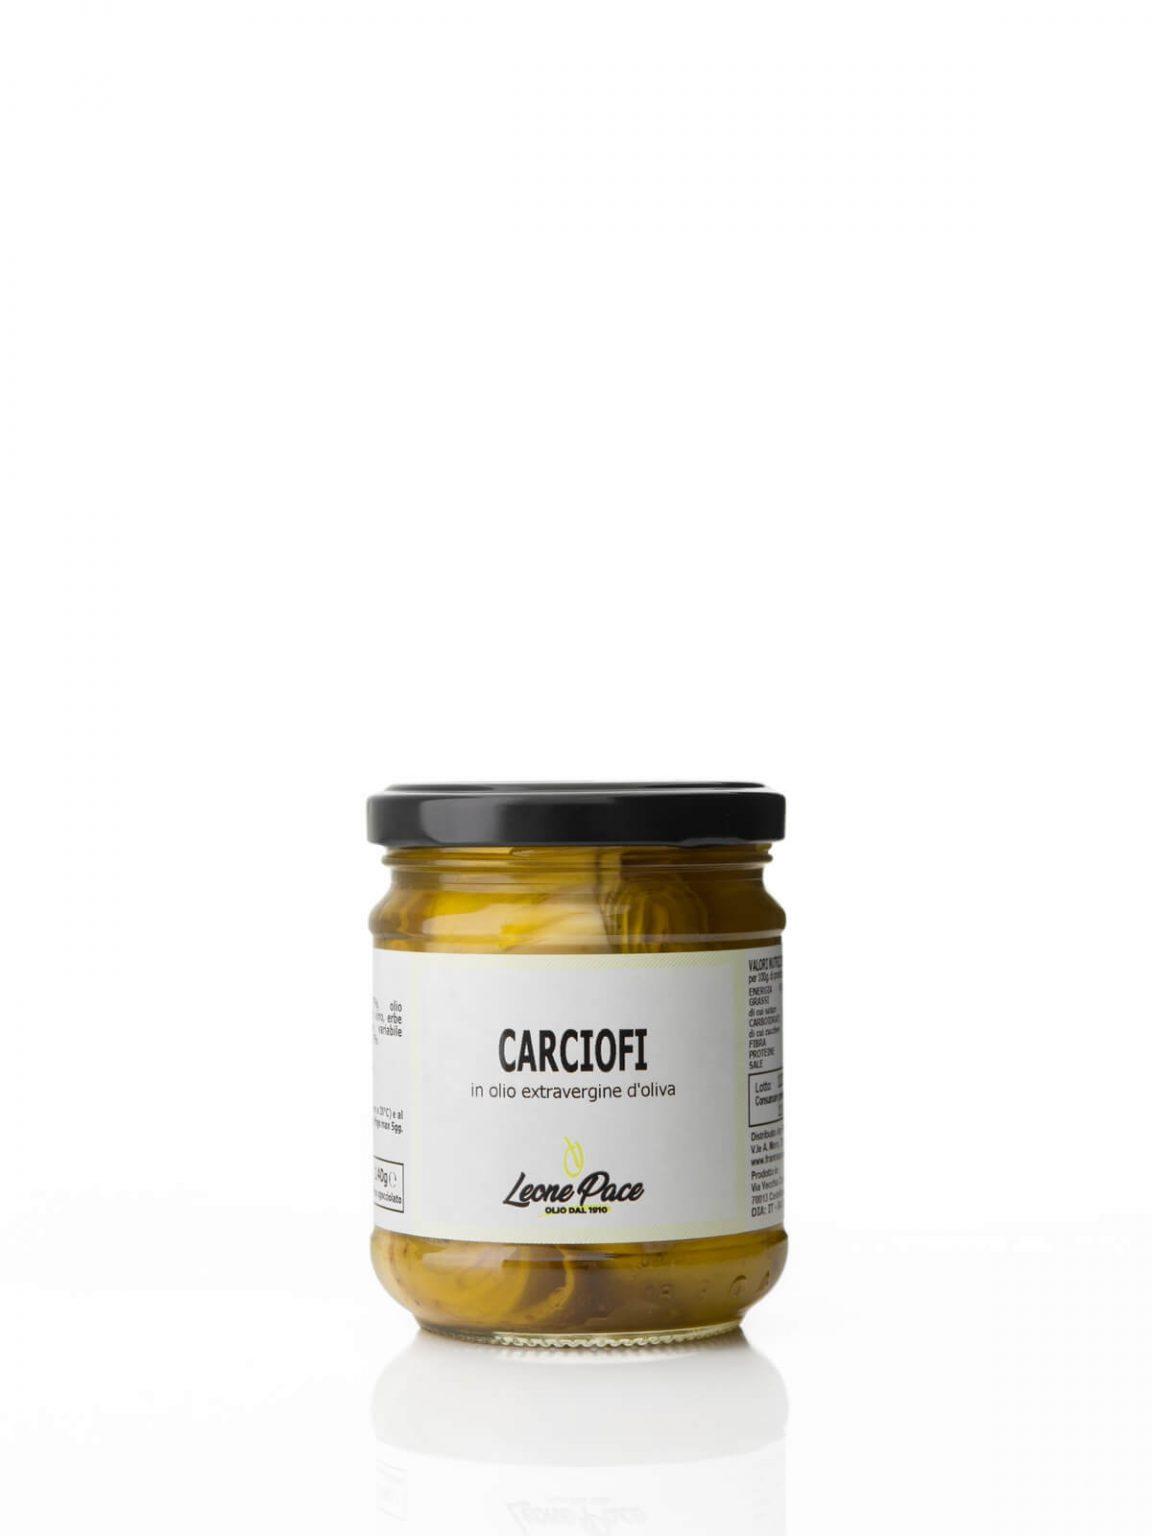 Carciofi - Carciofini pugliesi in olio extravergine d'oliva, 200 gr - Frantoio Leone Pace - Olio dal 1910 - Frantoio Pace